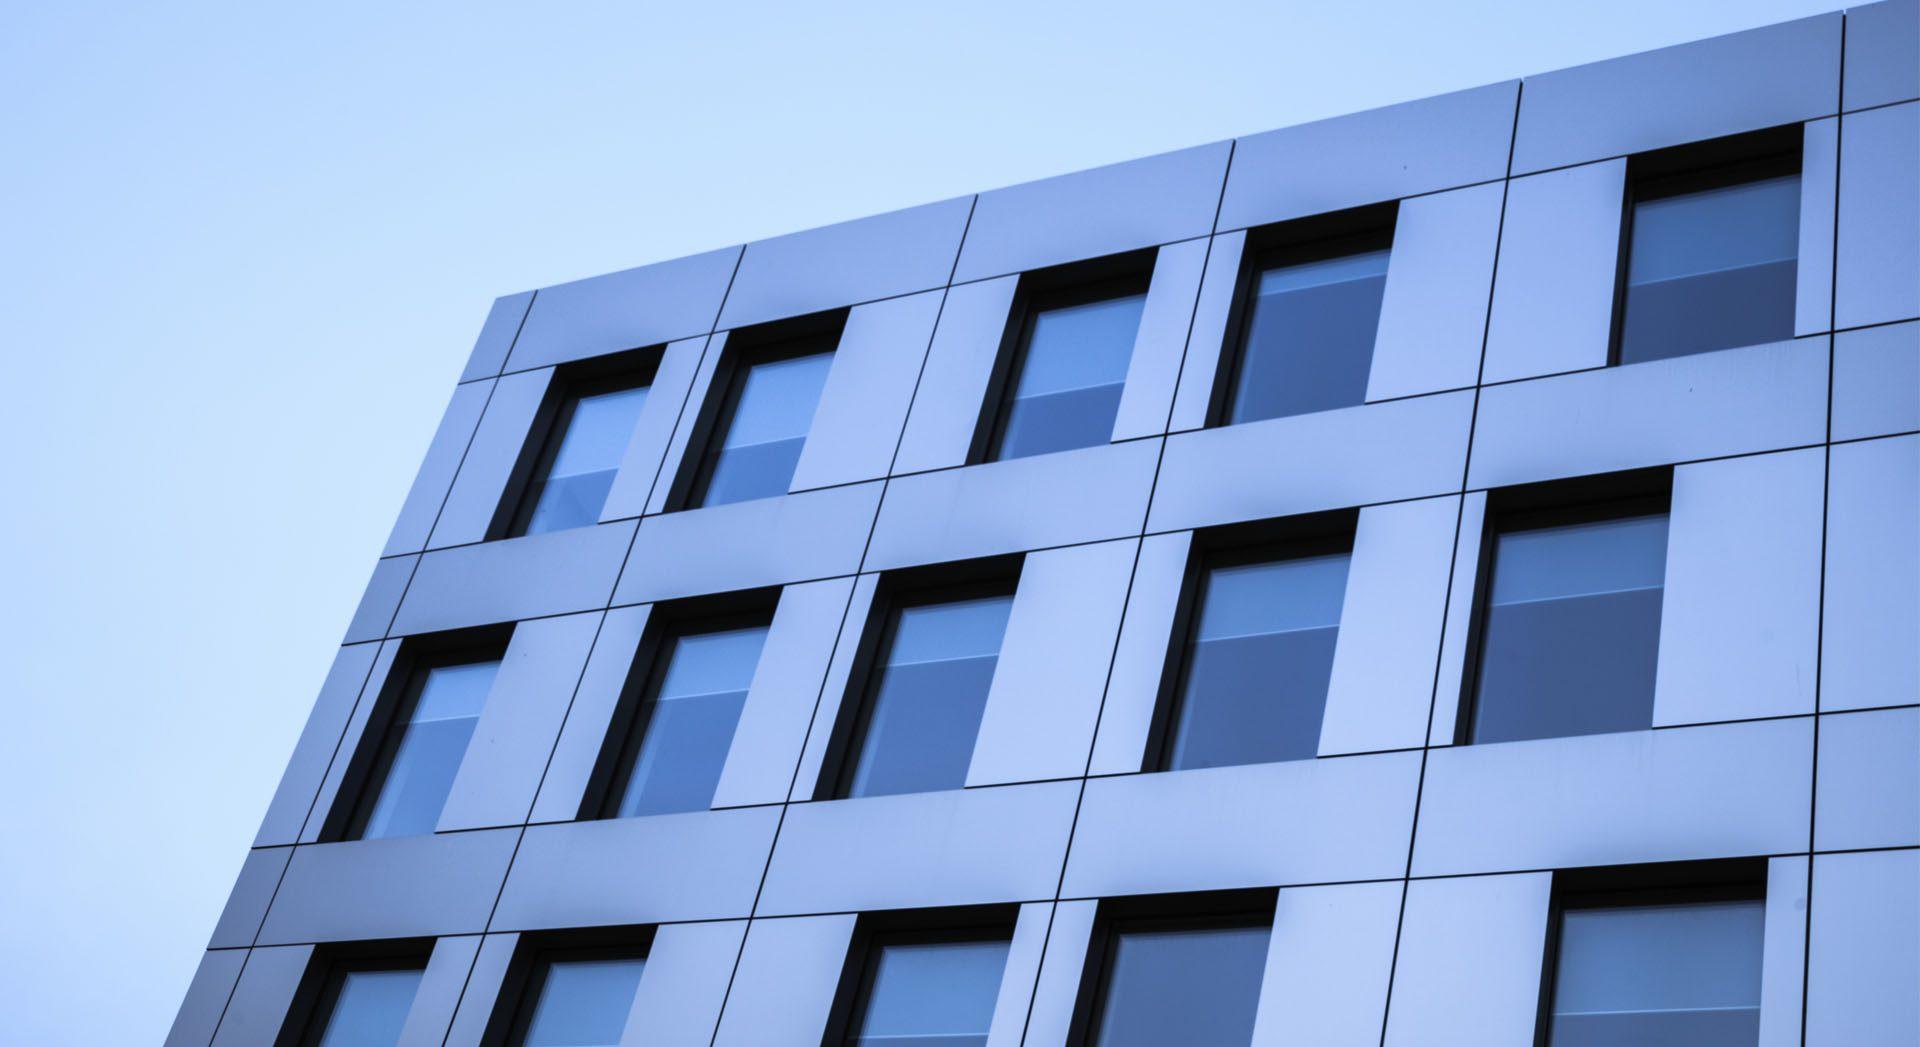 Architektur; Industriearchitektur; Gewerbearchitektur; Alucobond Fassade; Neubau; Meyer Werft; Verwaltungsgebäude;